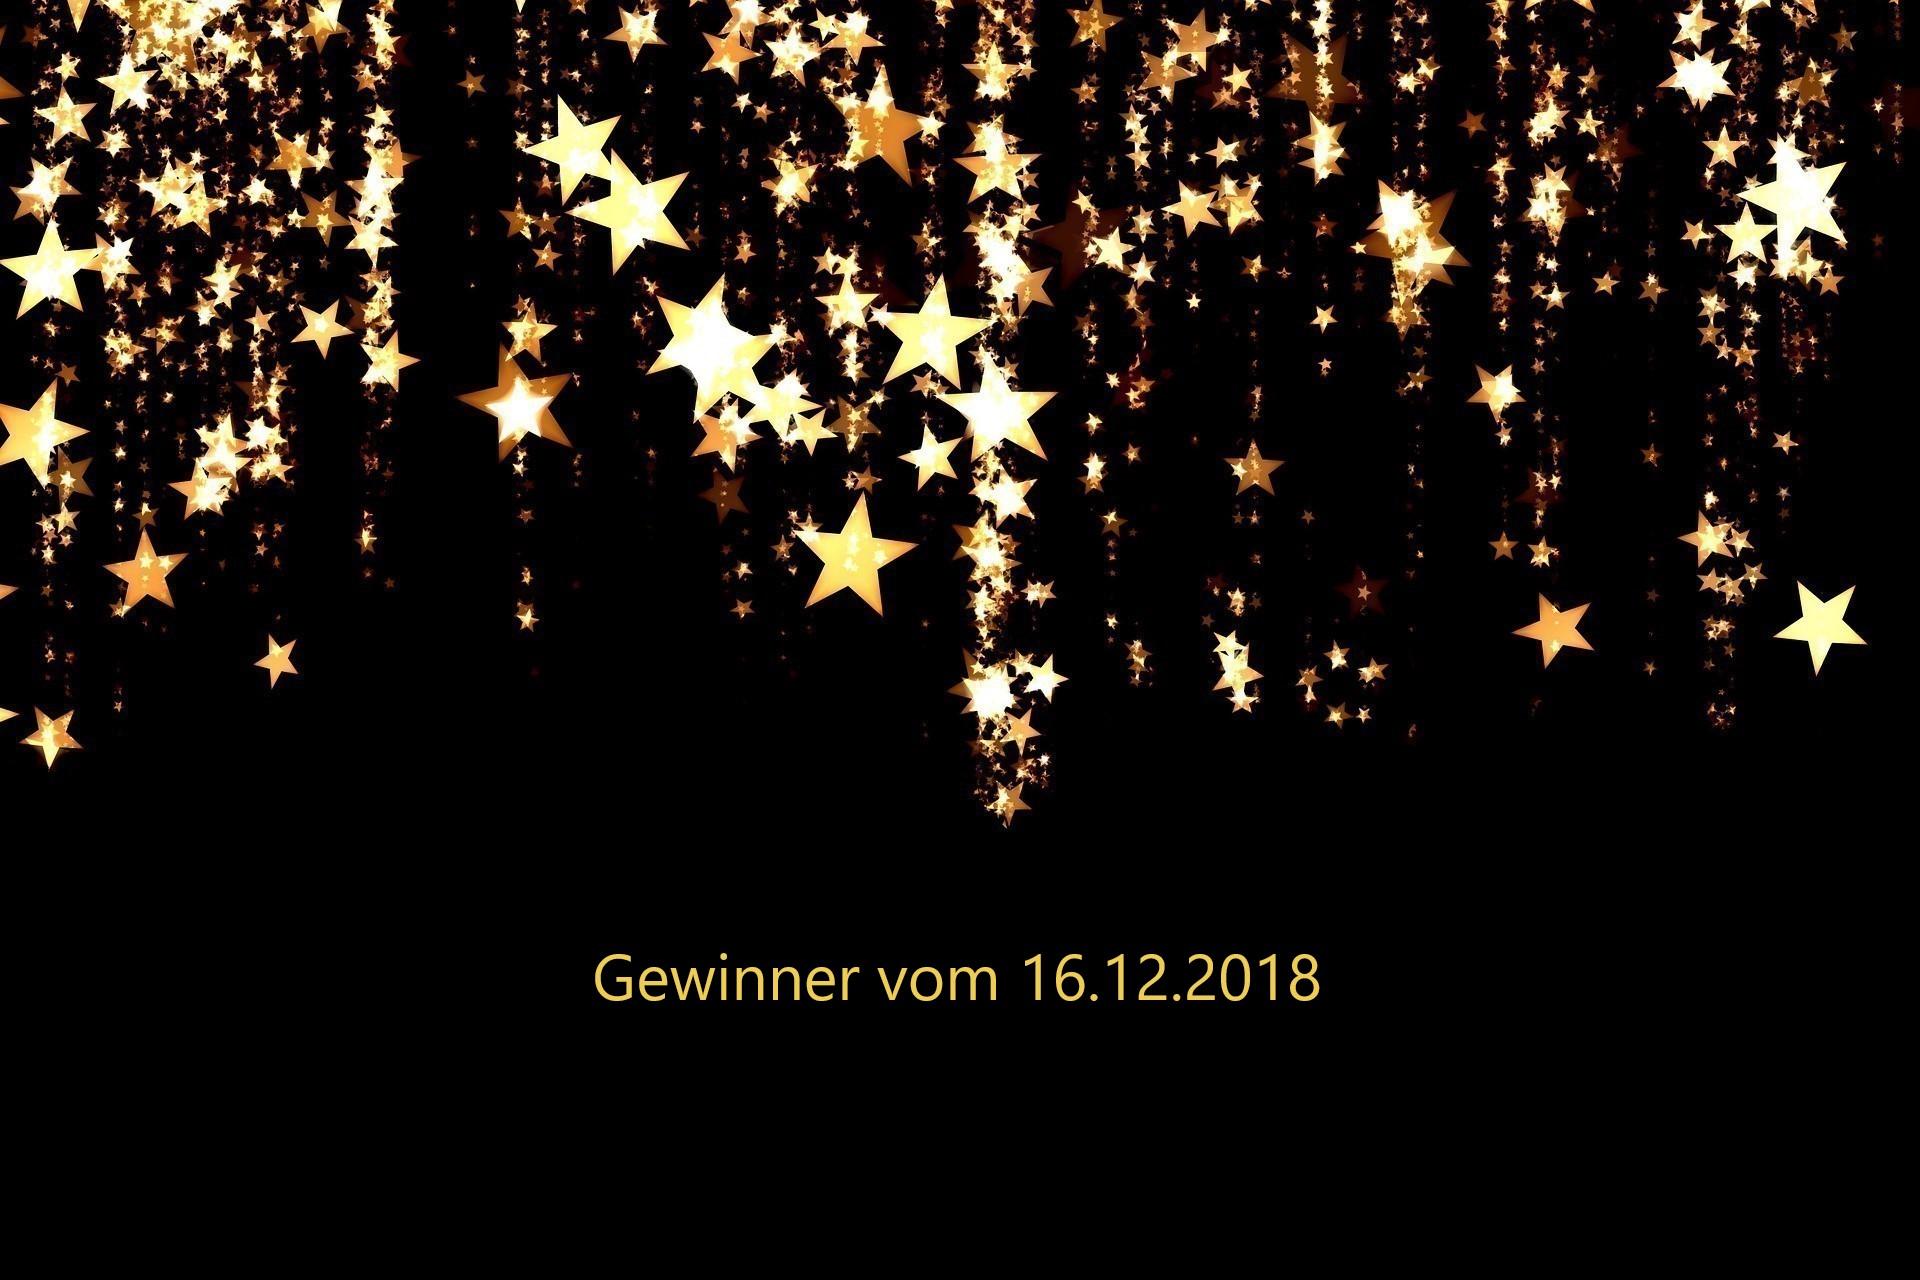 Gewinner vom 16.12.2018